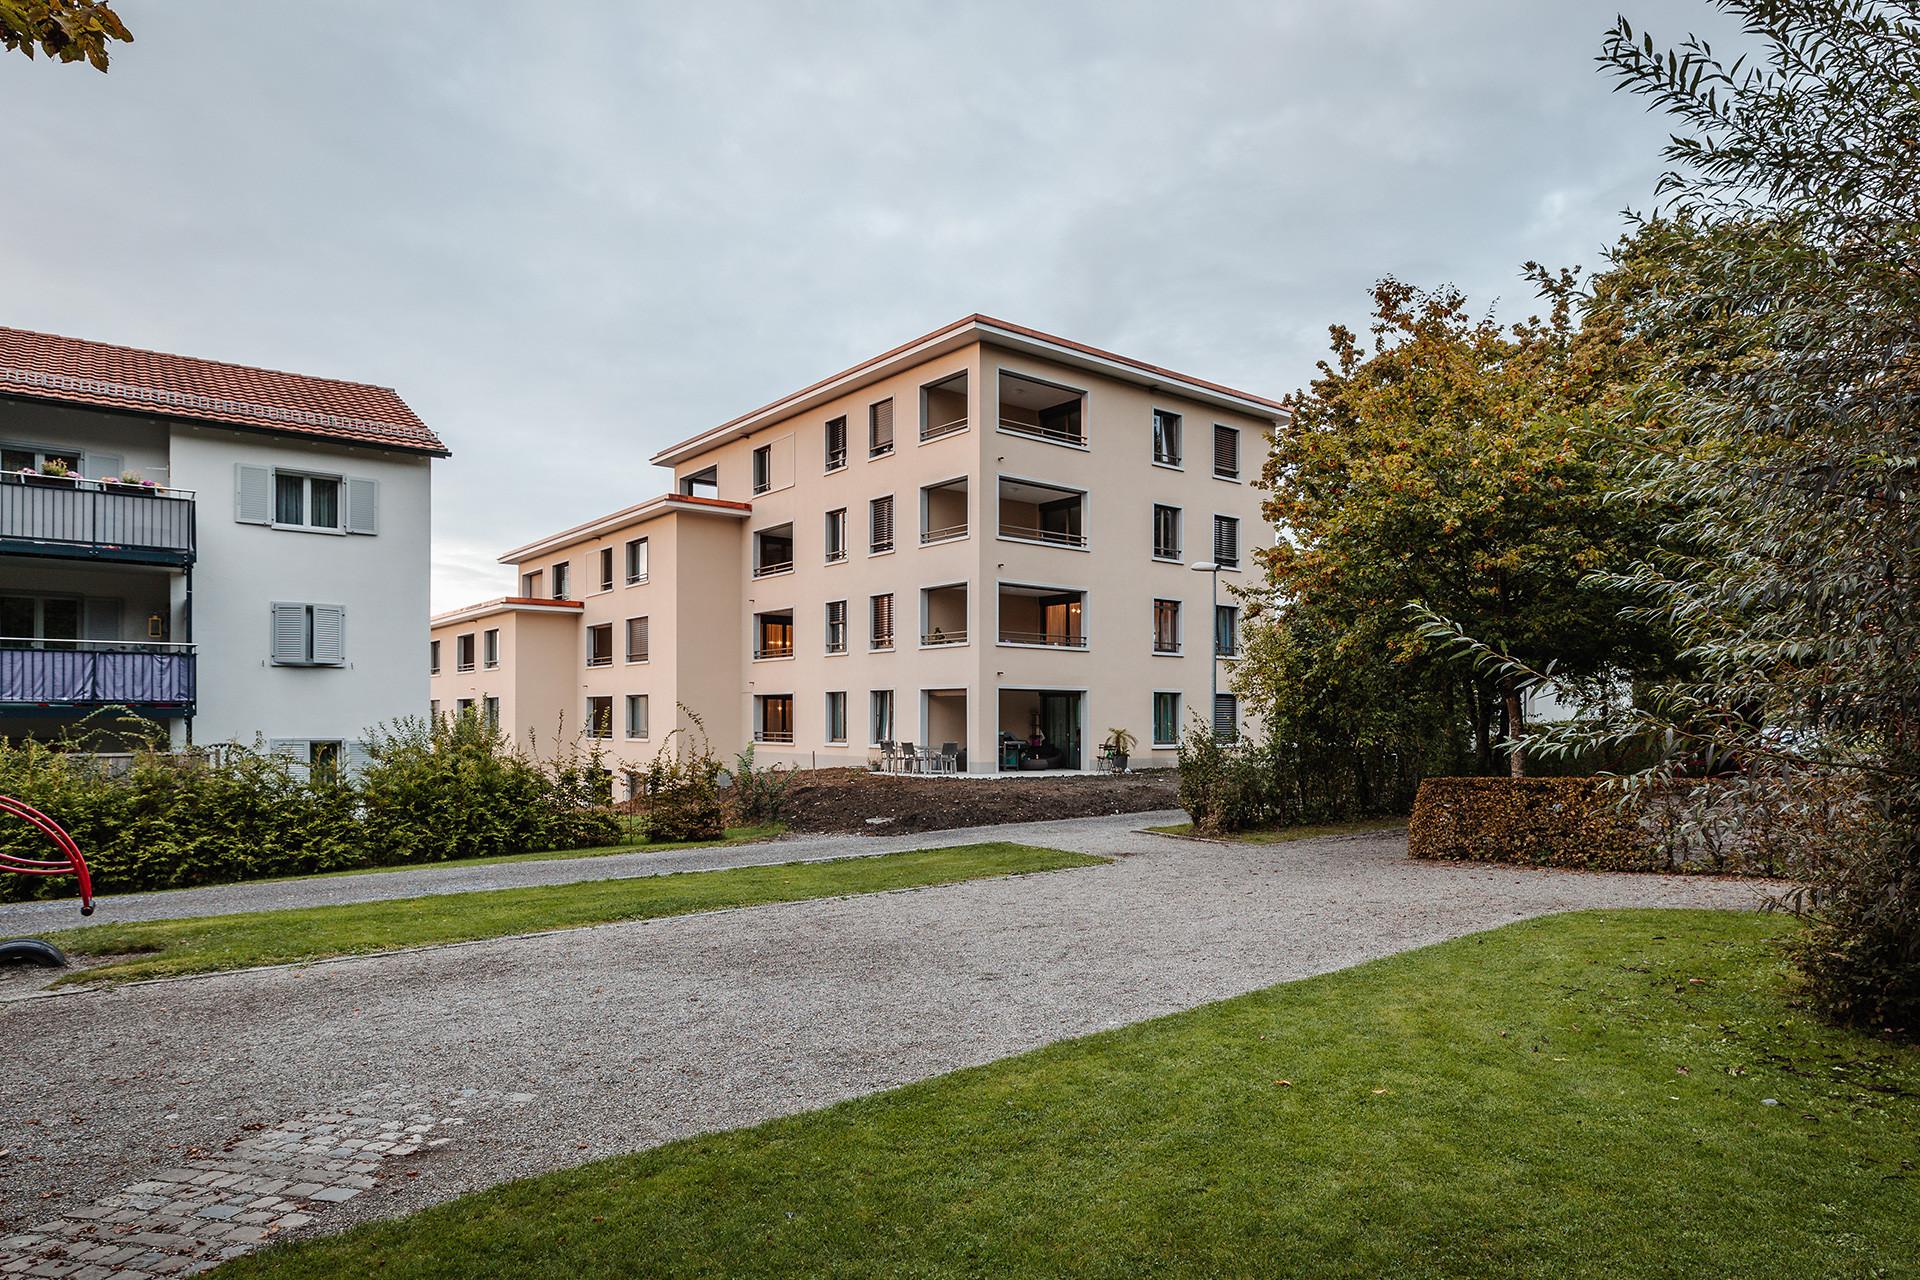 architekturfotografie-zurich-schweiz-mat